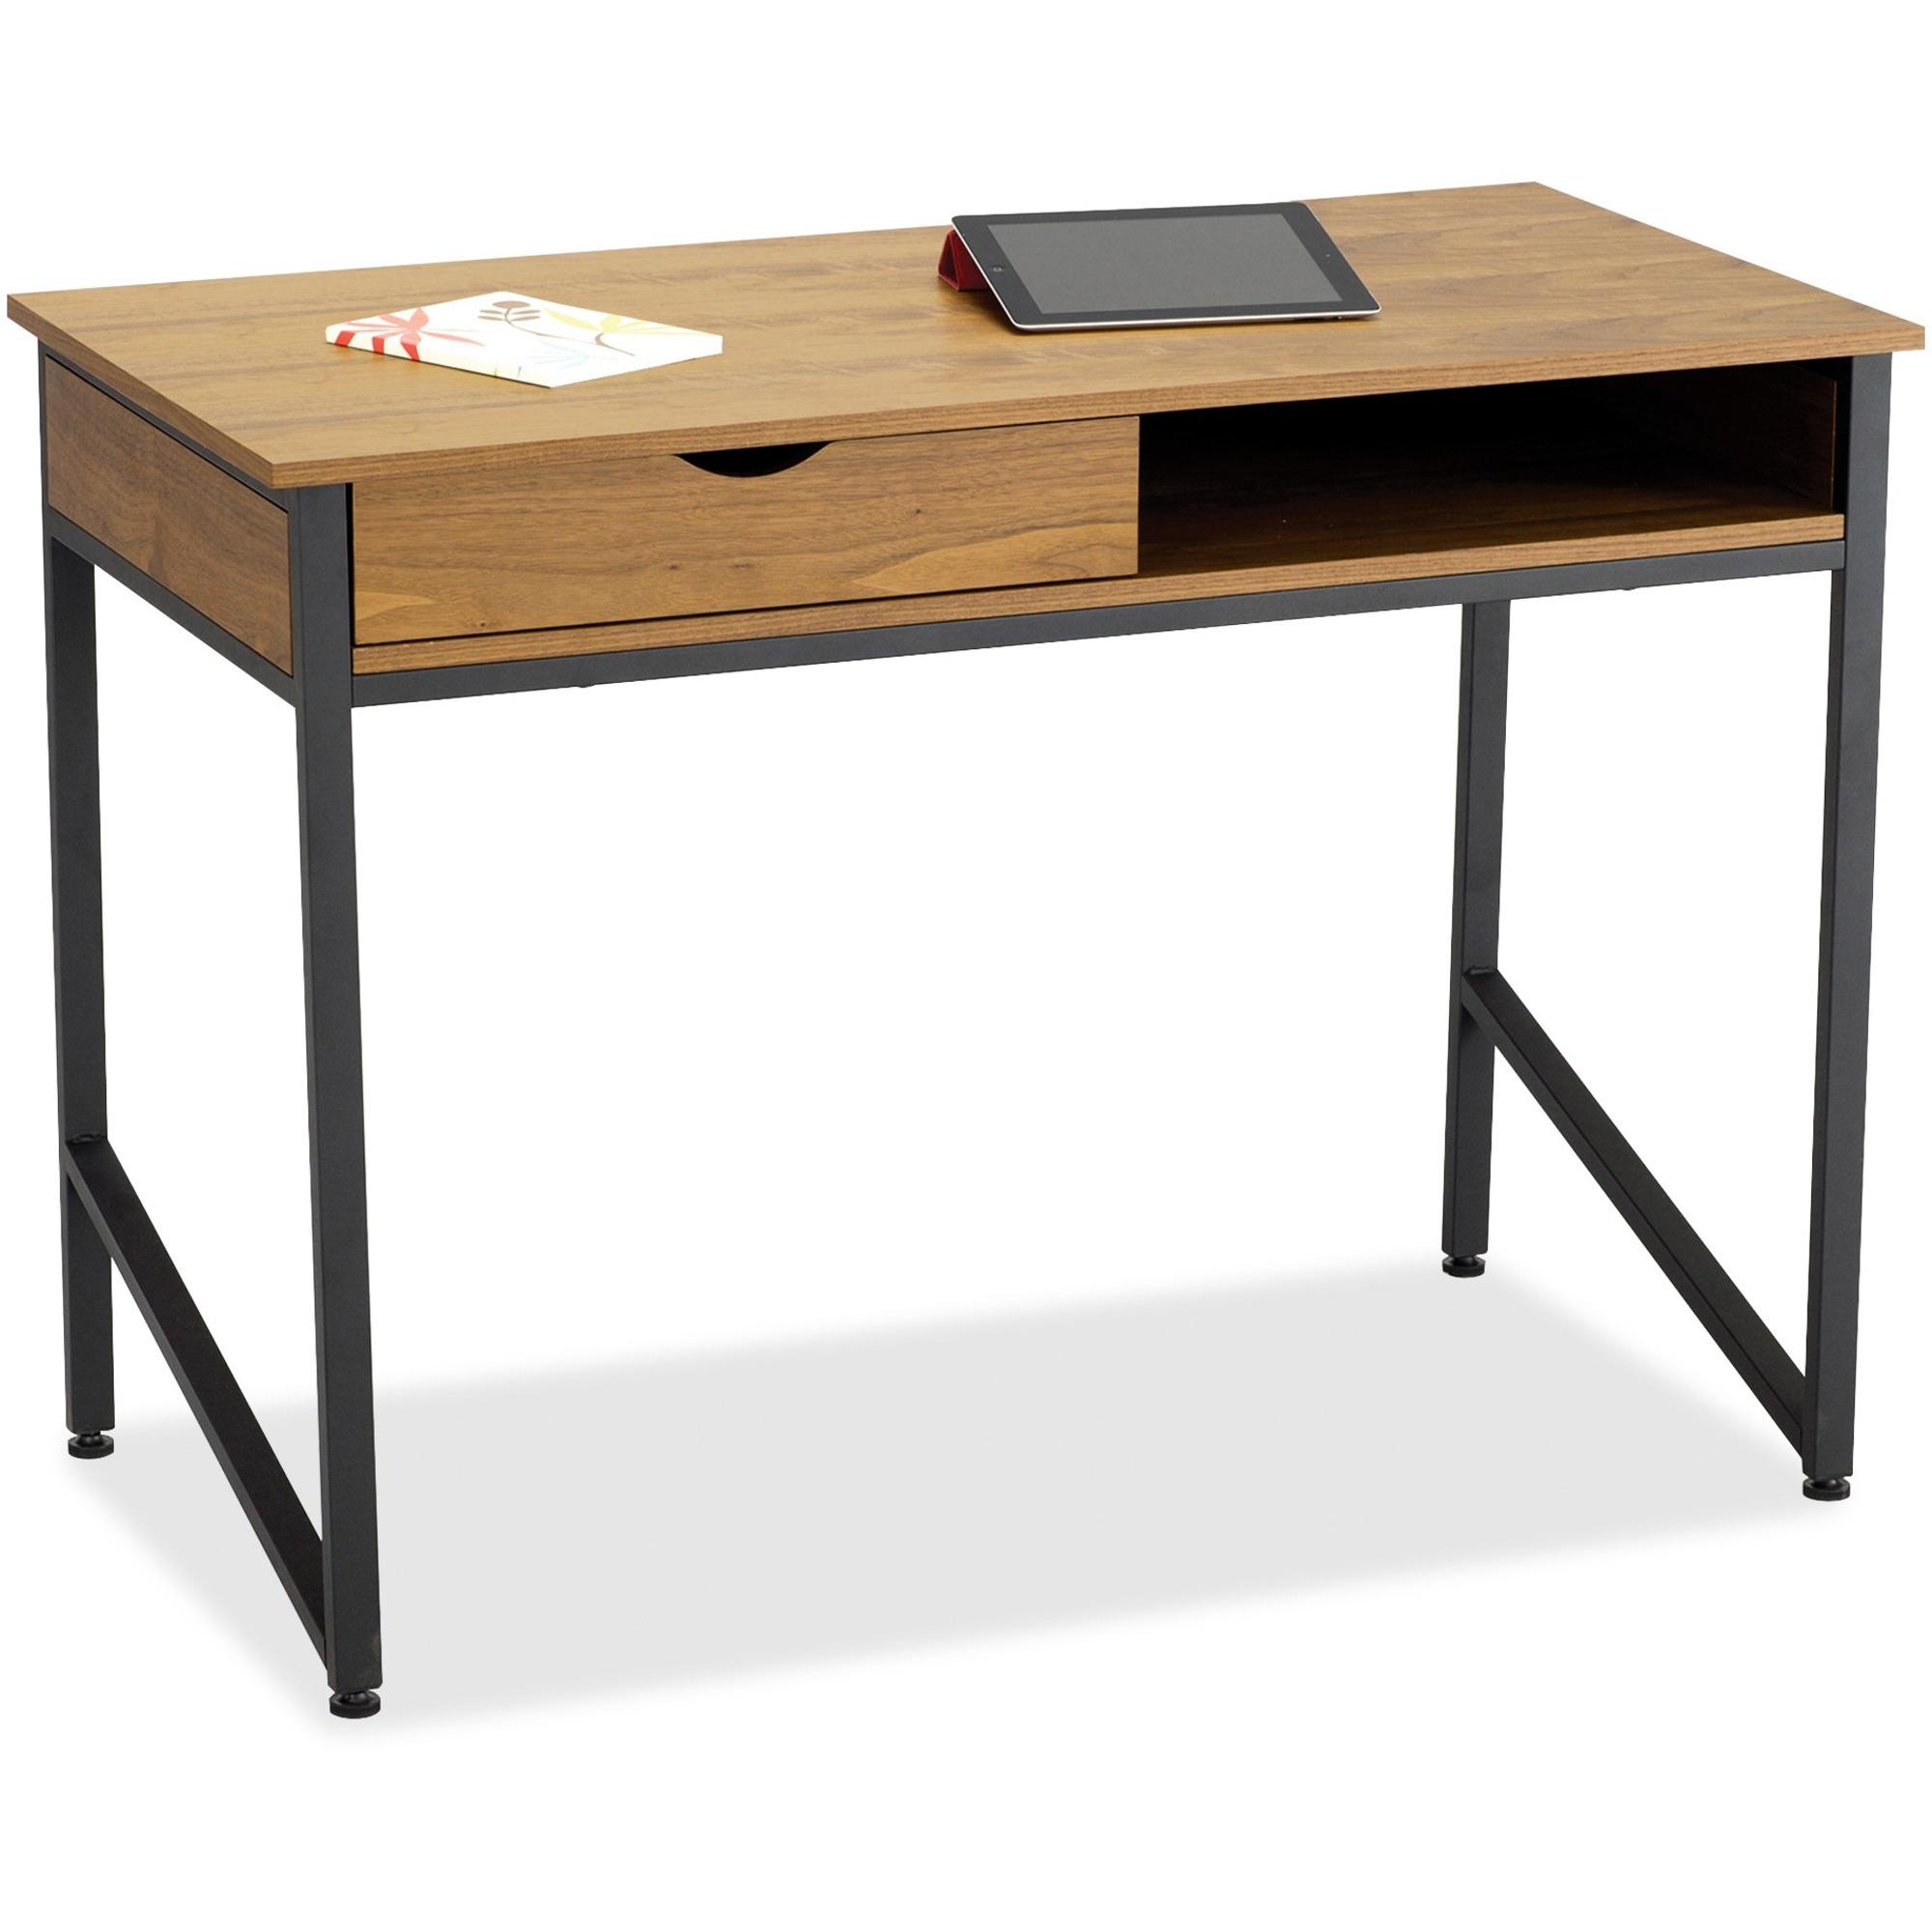 office desk depth. Safco Single Drawer Office Desk - Rectangle Top 4 Legs 43.3\ Depth N